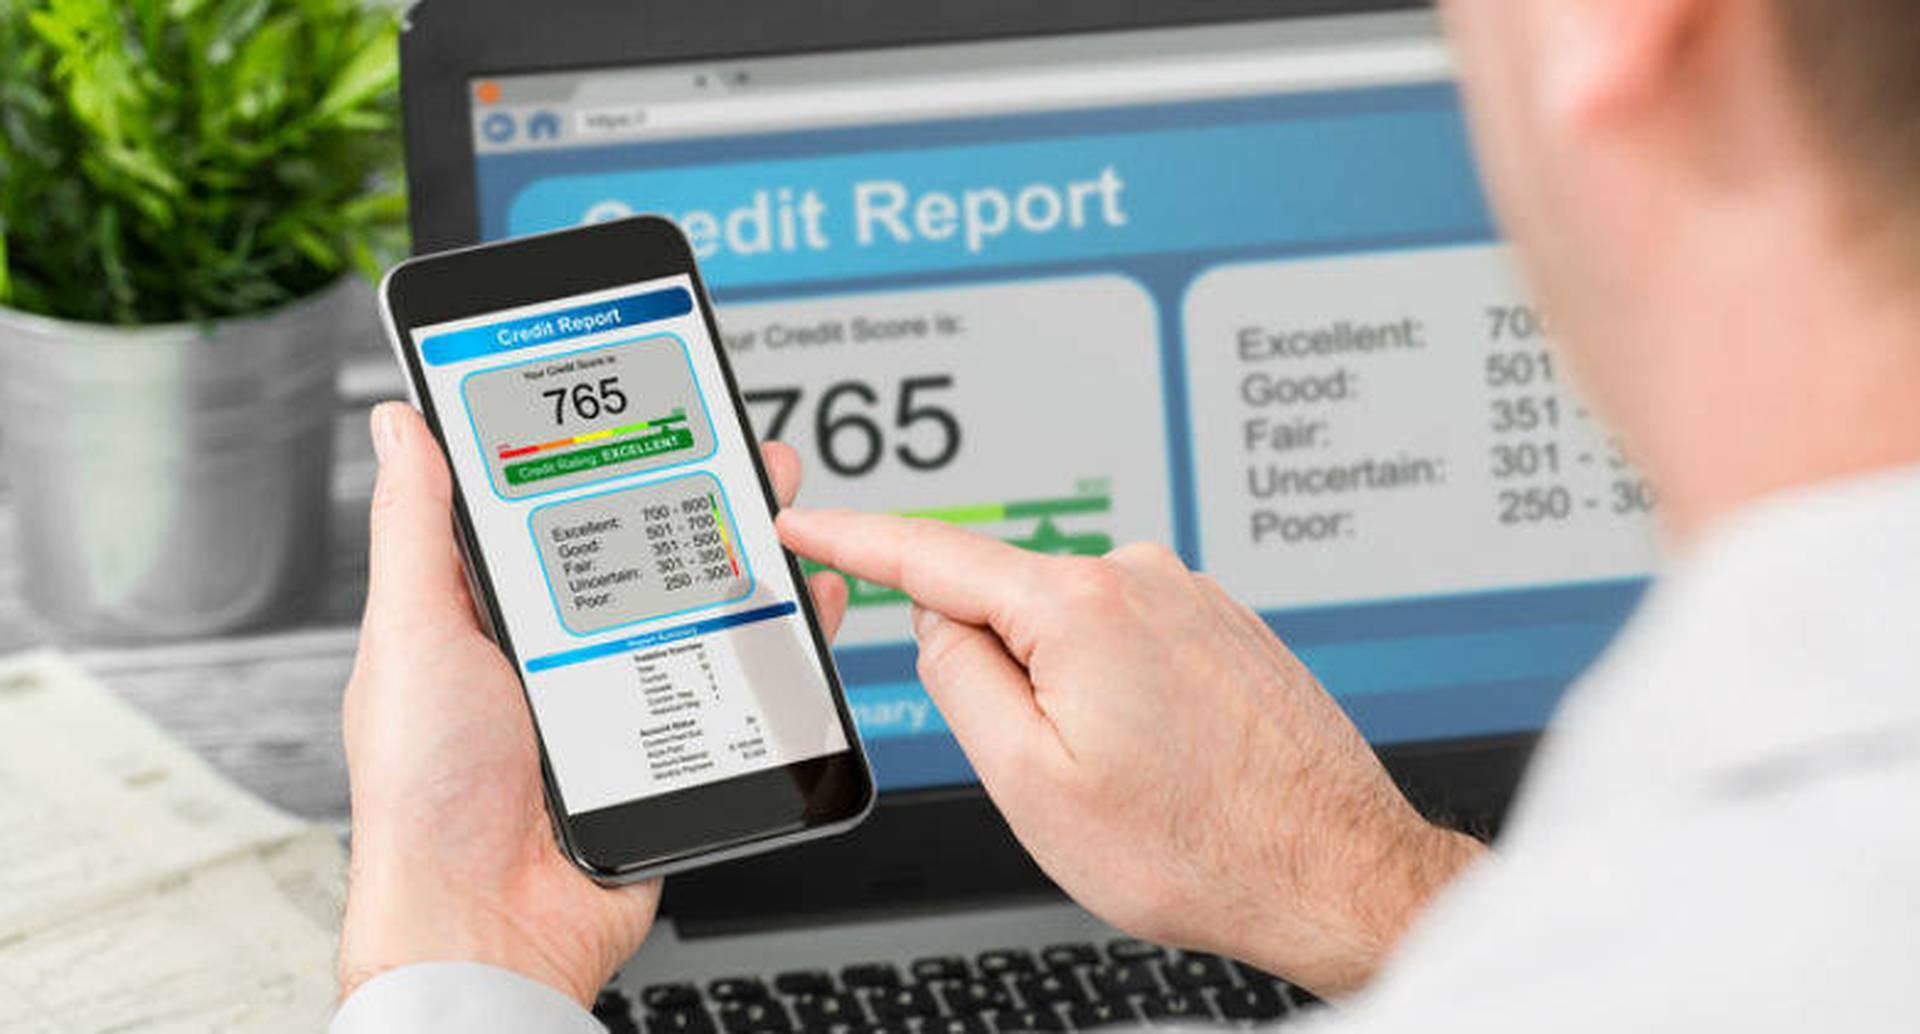 Centrales de riesgo no pueden incluir información distinta a la financiera en historial crediticio.